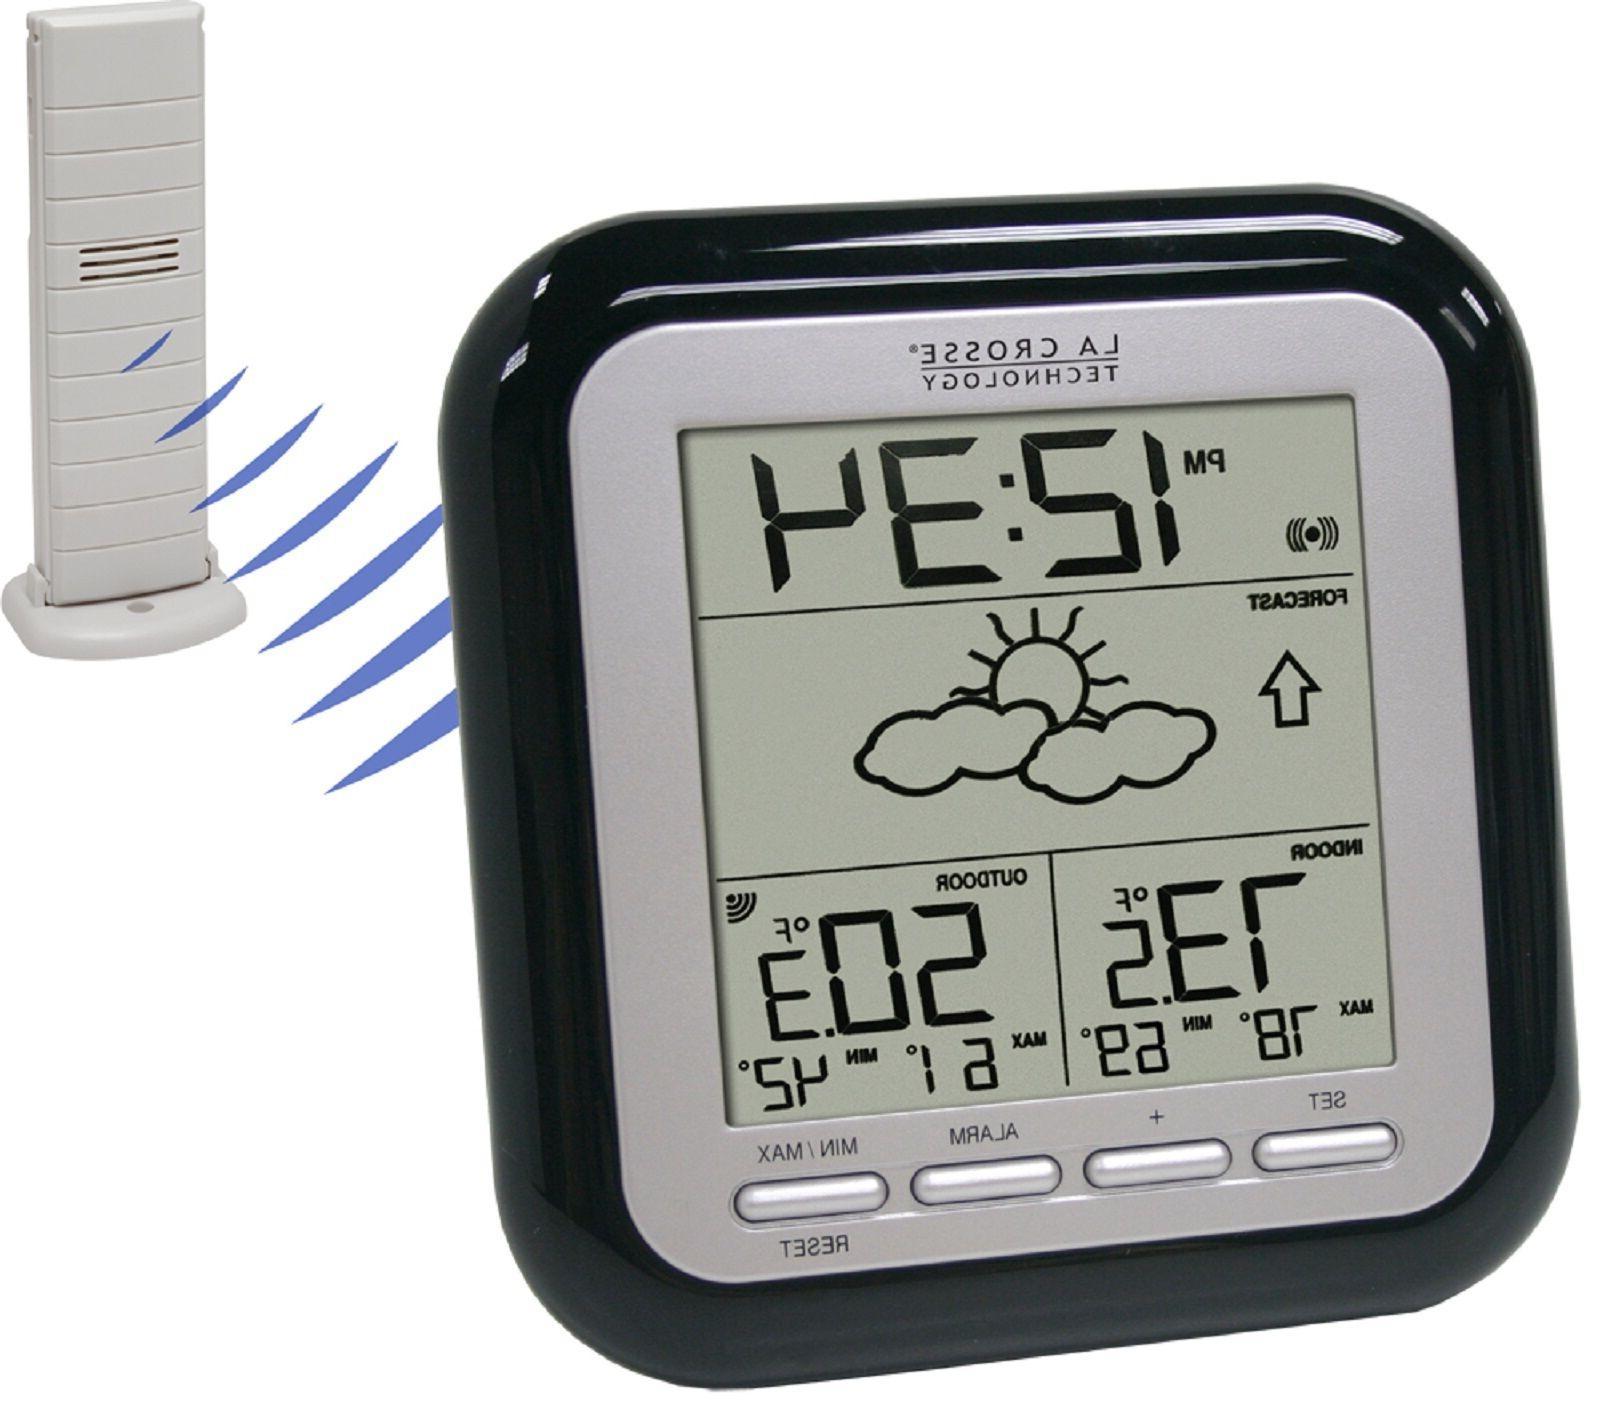 xg 55 altimeter compass watch